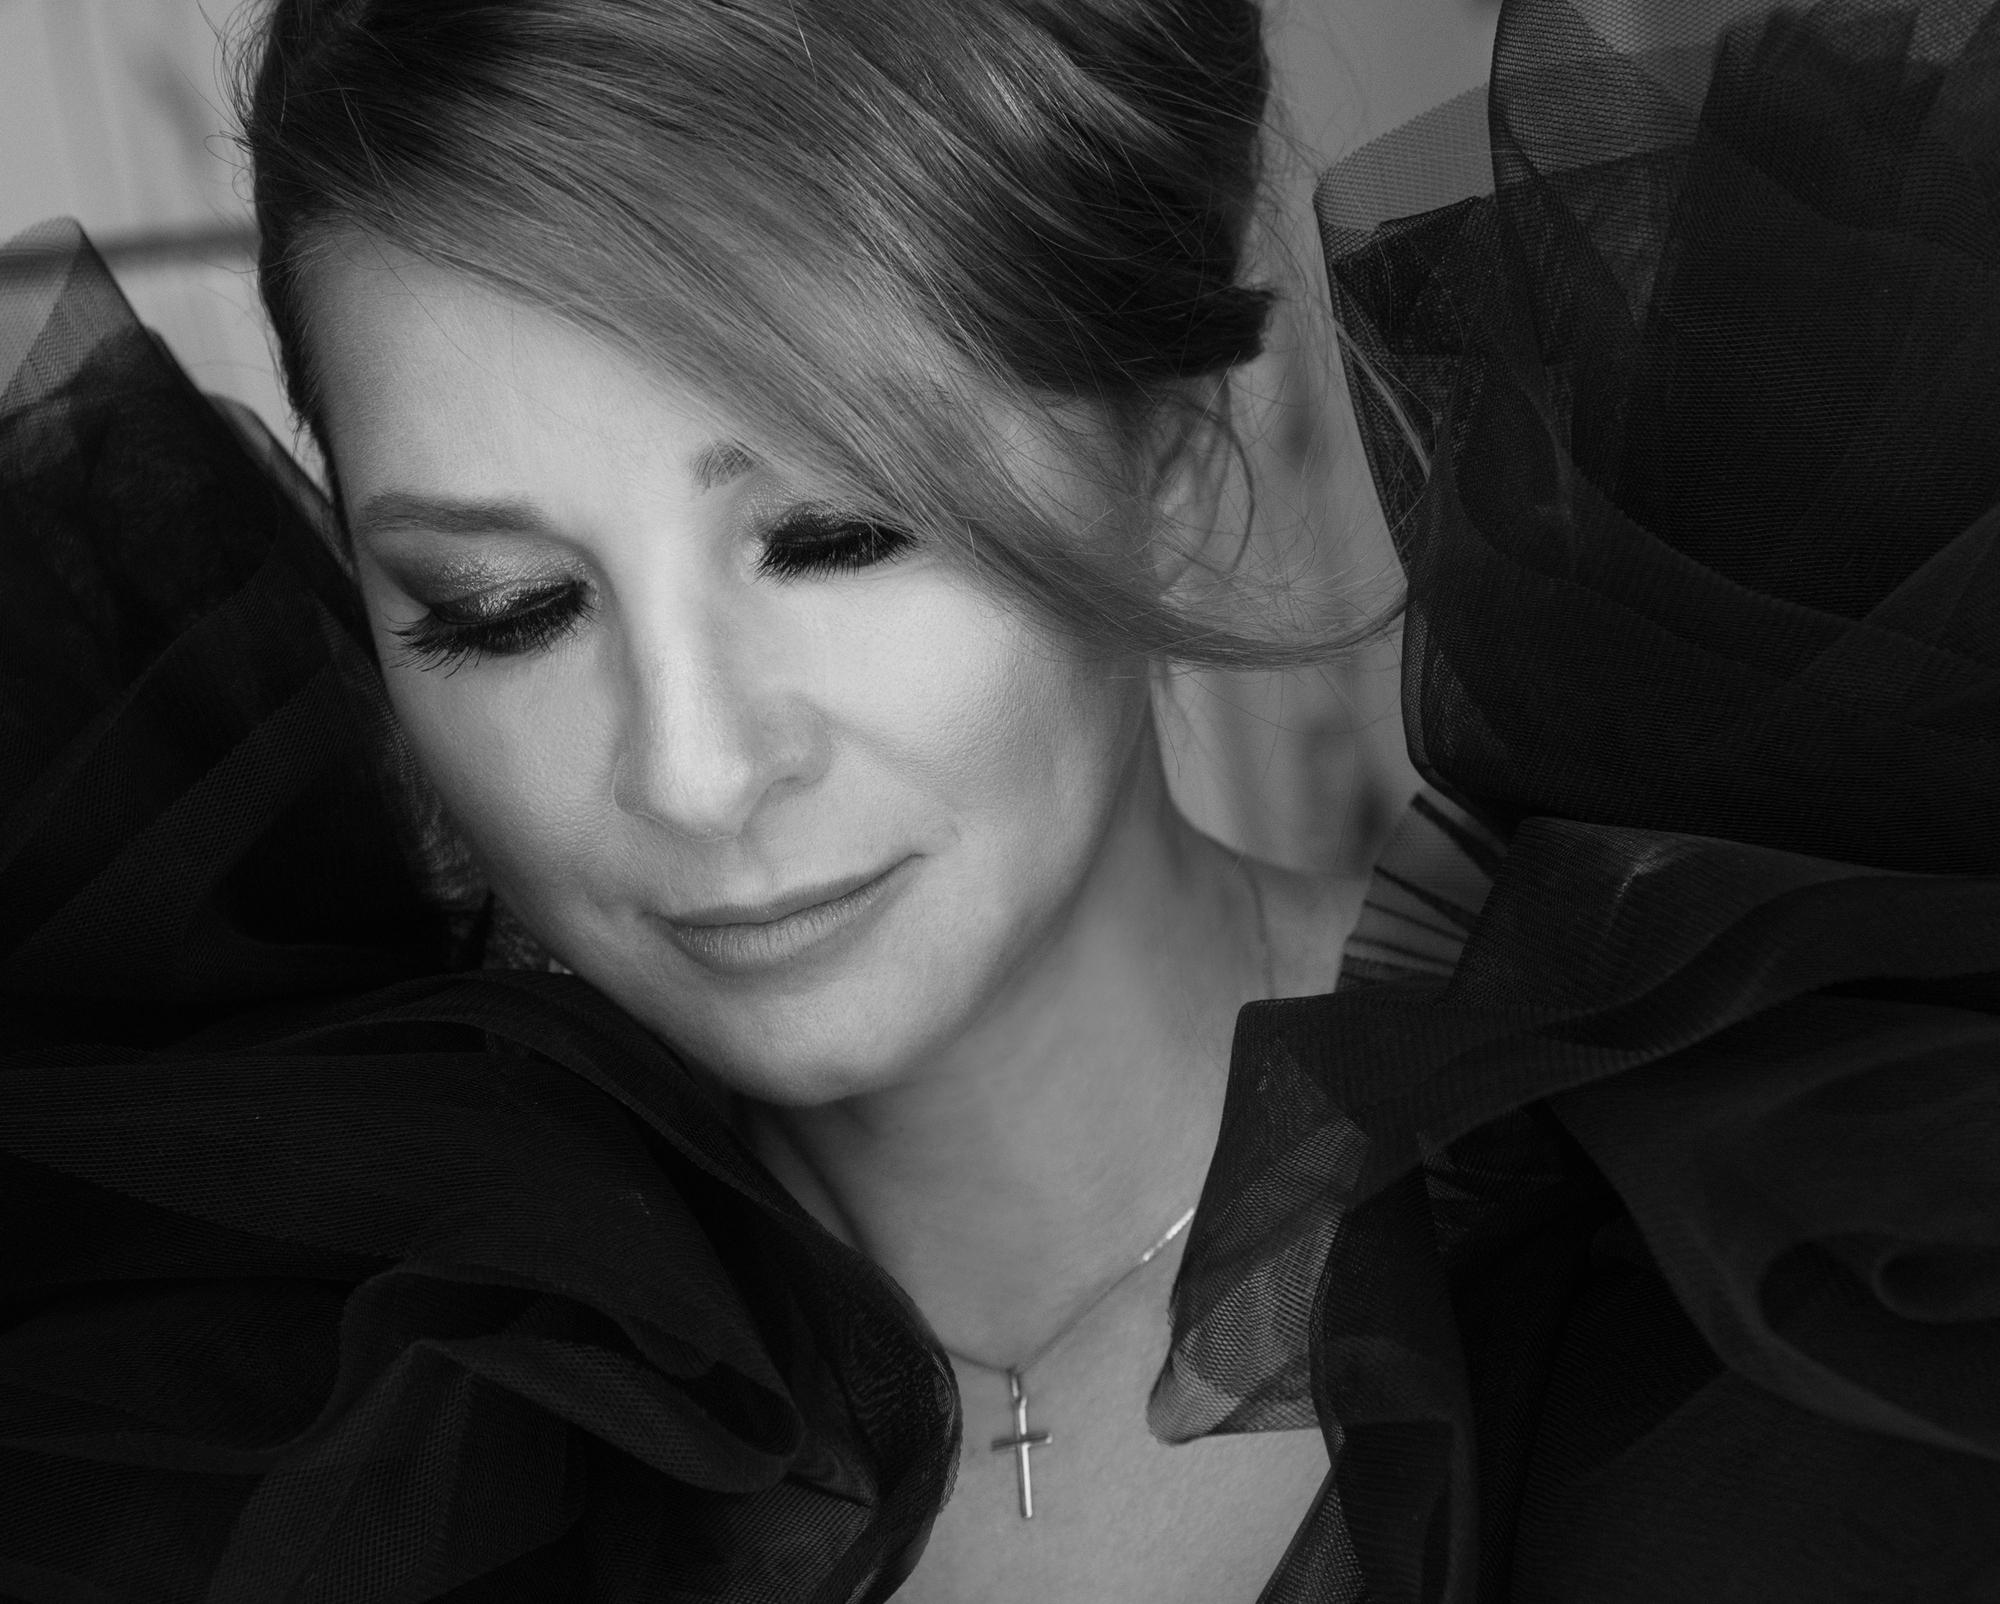 Марлис Деккерс: «Я хочу вдохновить женщин следовать мечтам и бороться за равенство»